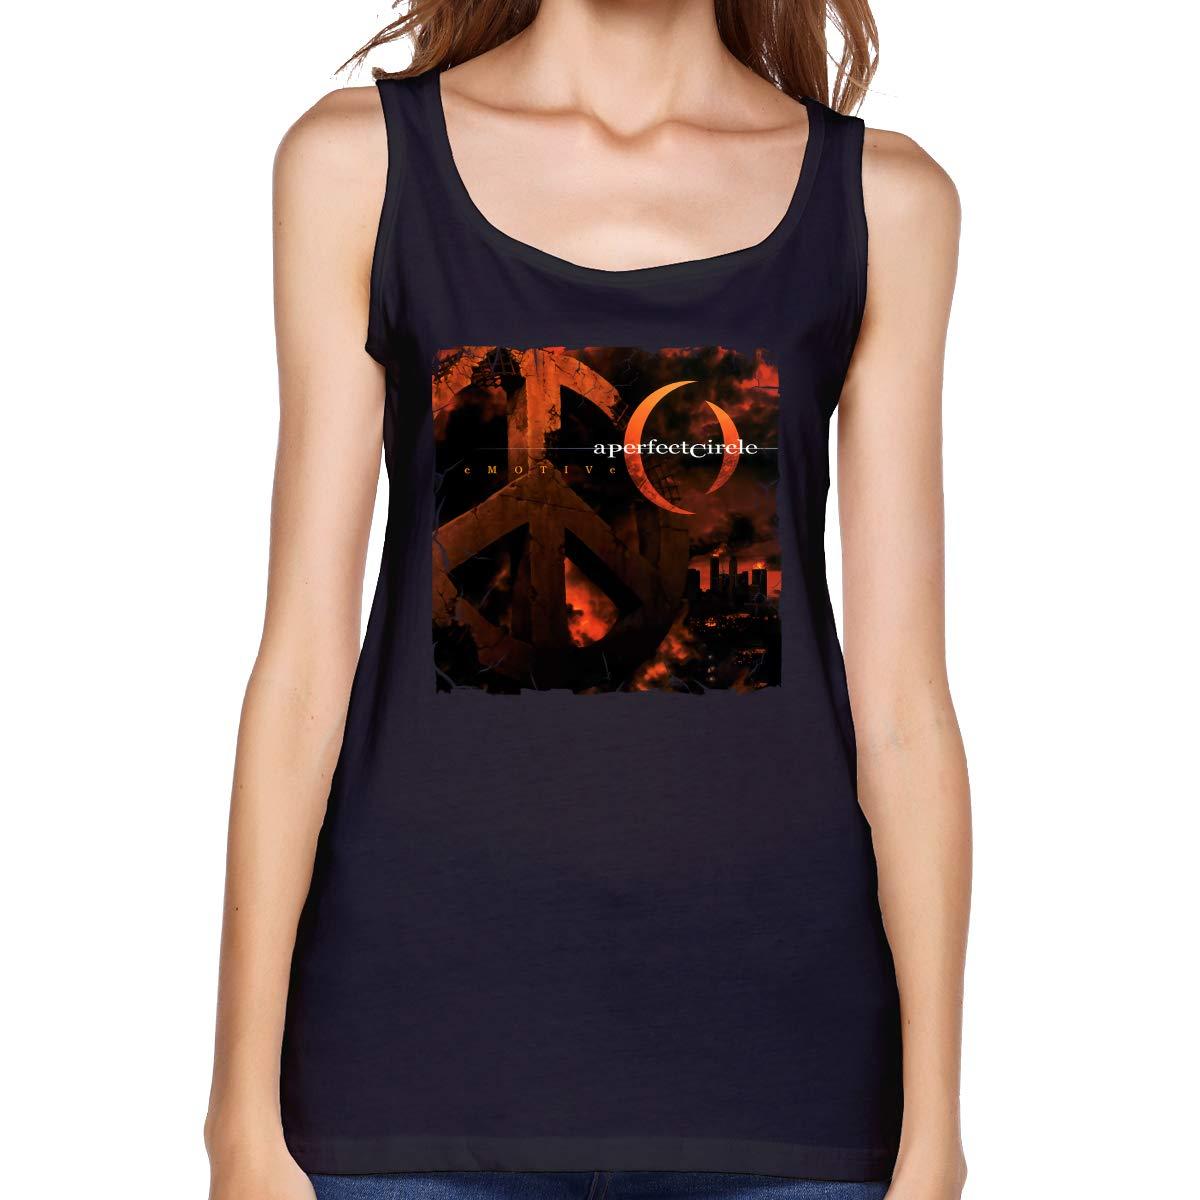 Memories Of God A Perfect Circle Emotive Band Fashion Tank Top Shirt